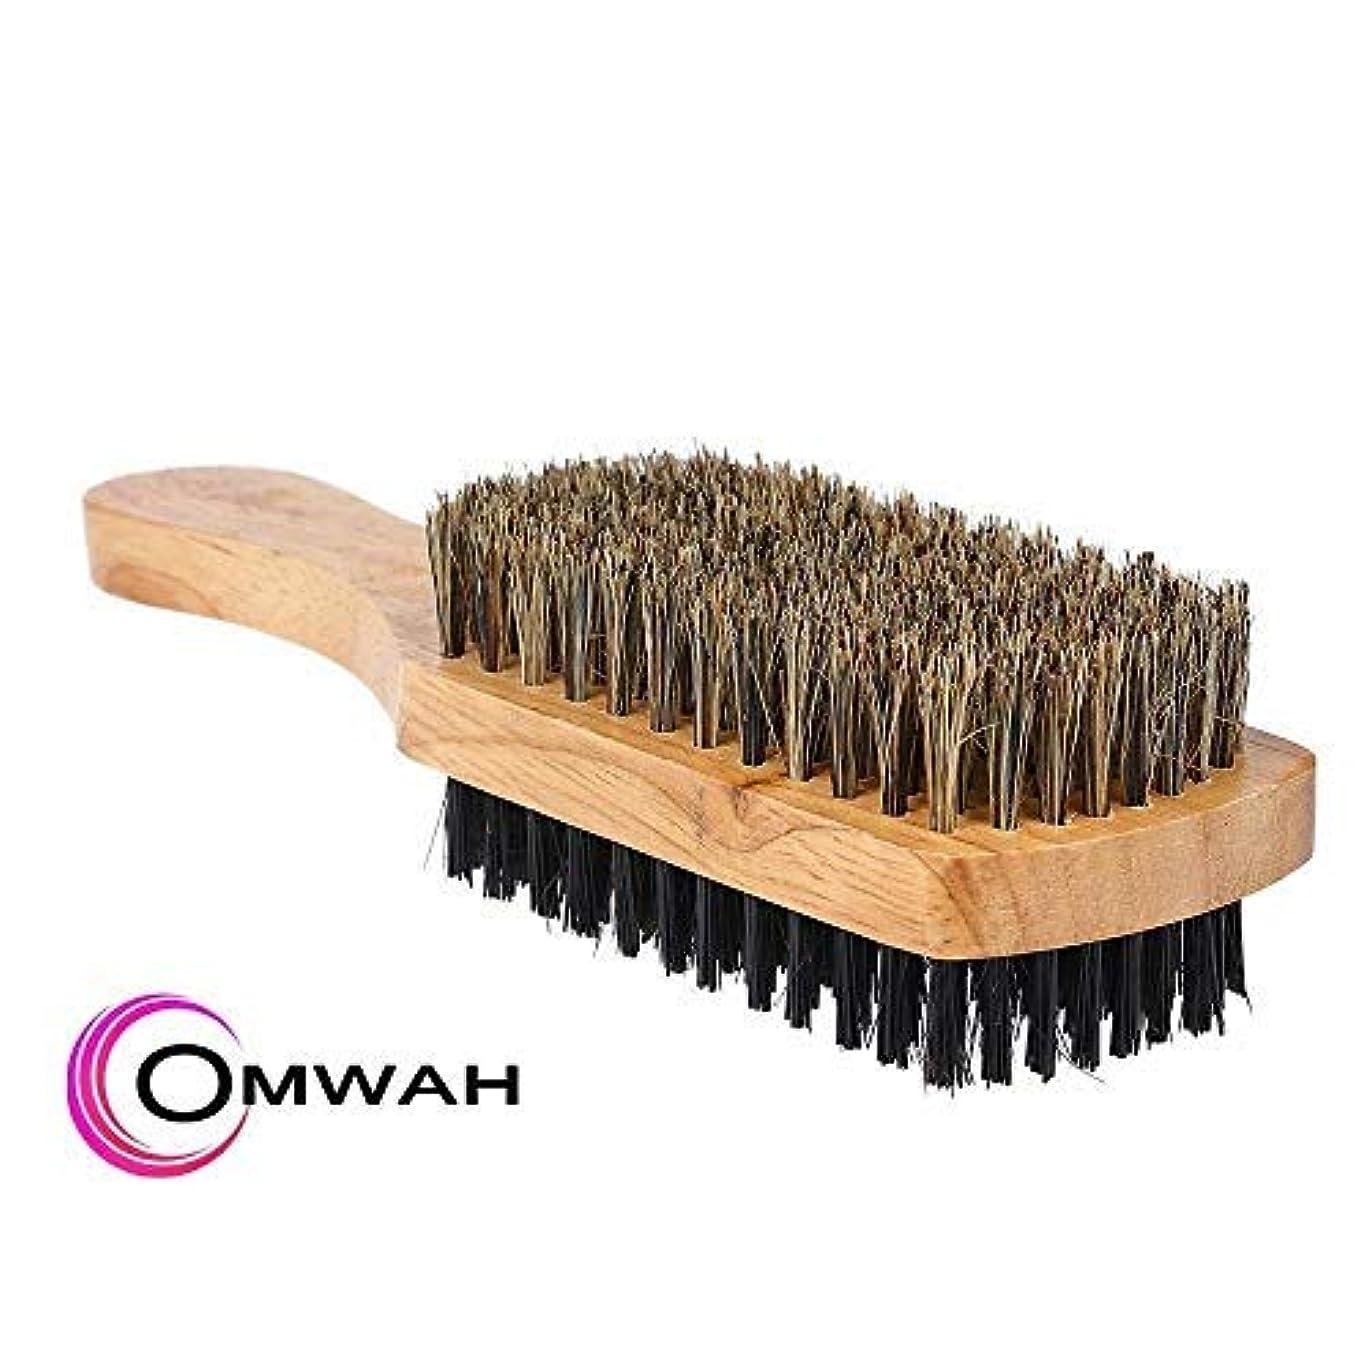 カウンタ弱い浸したOmwah Double Sided 2 Sided Facial Hairbrush Styling Beard Brush Mens Boar Bristle [並行輸入品]